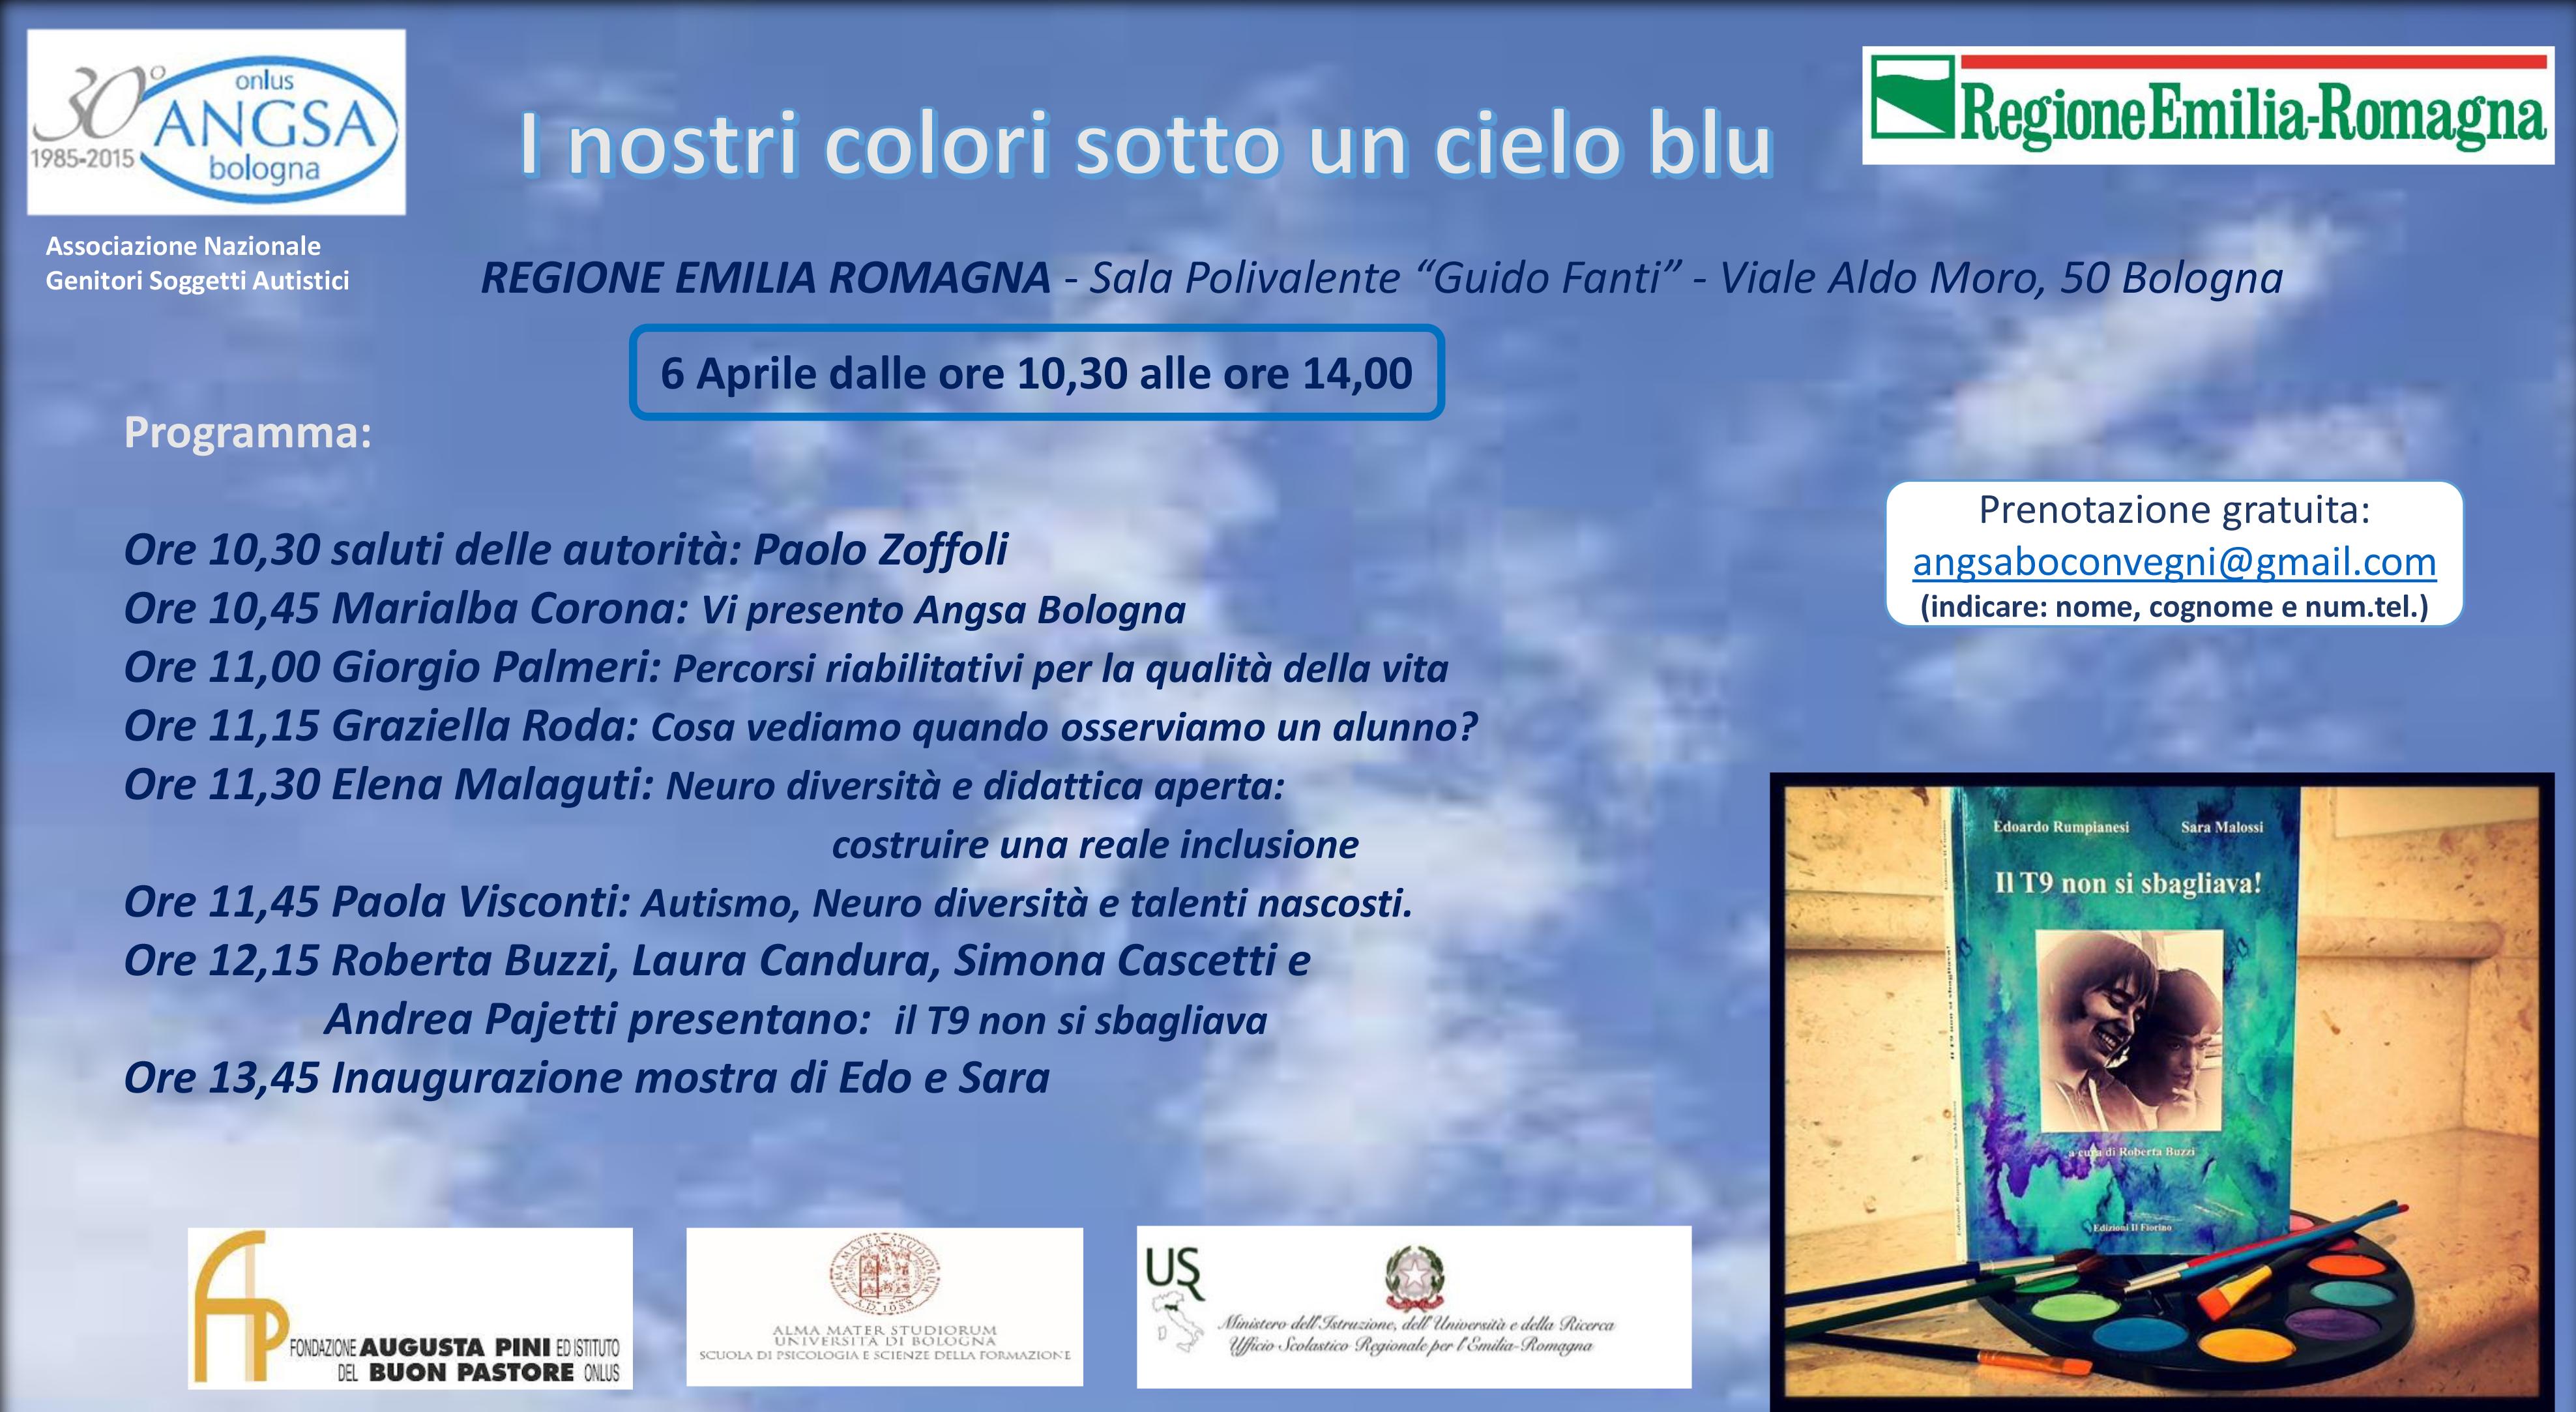 La Fondazione Augusta Pini a sostegno della ricerca sull'autismo